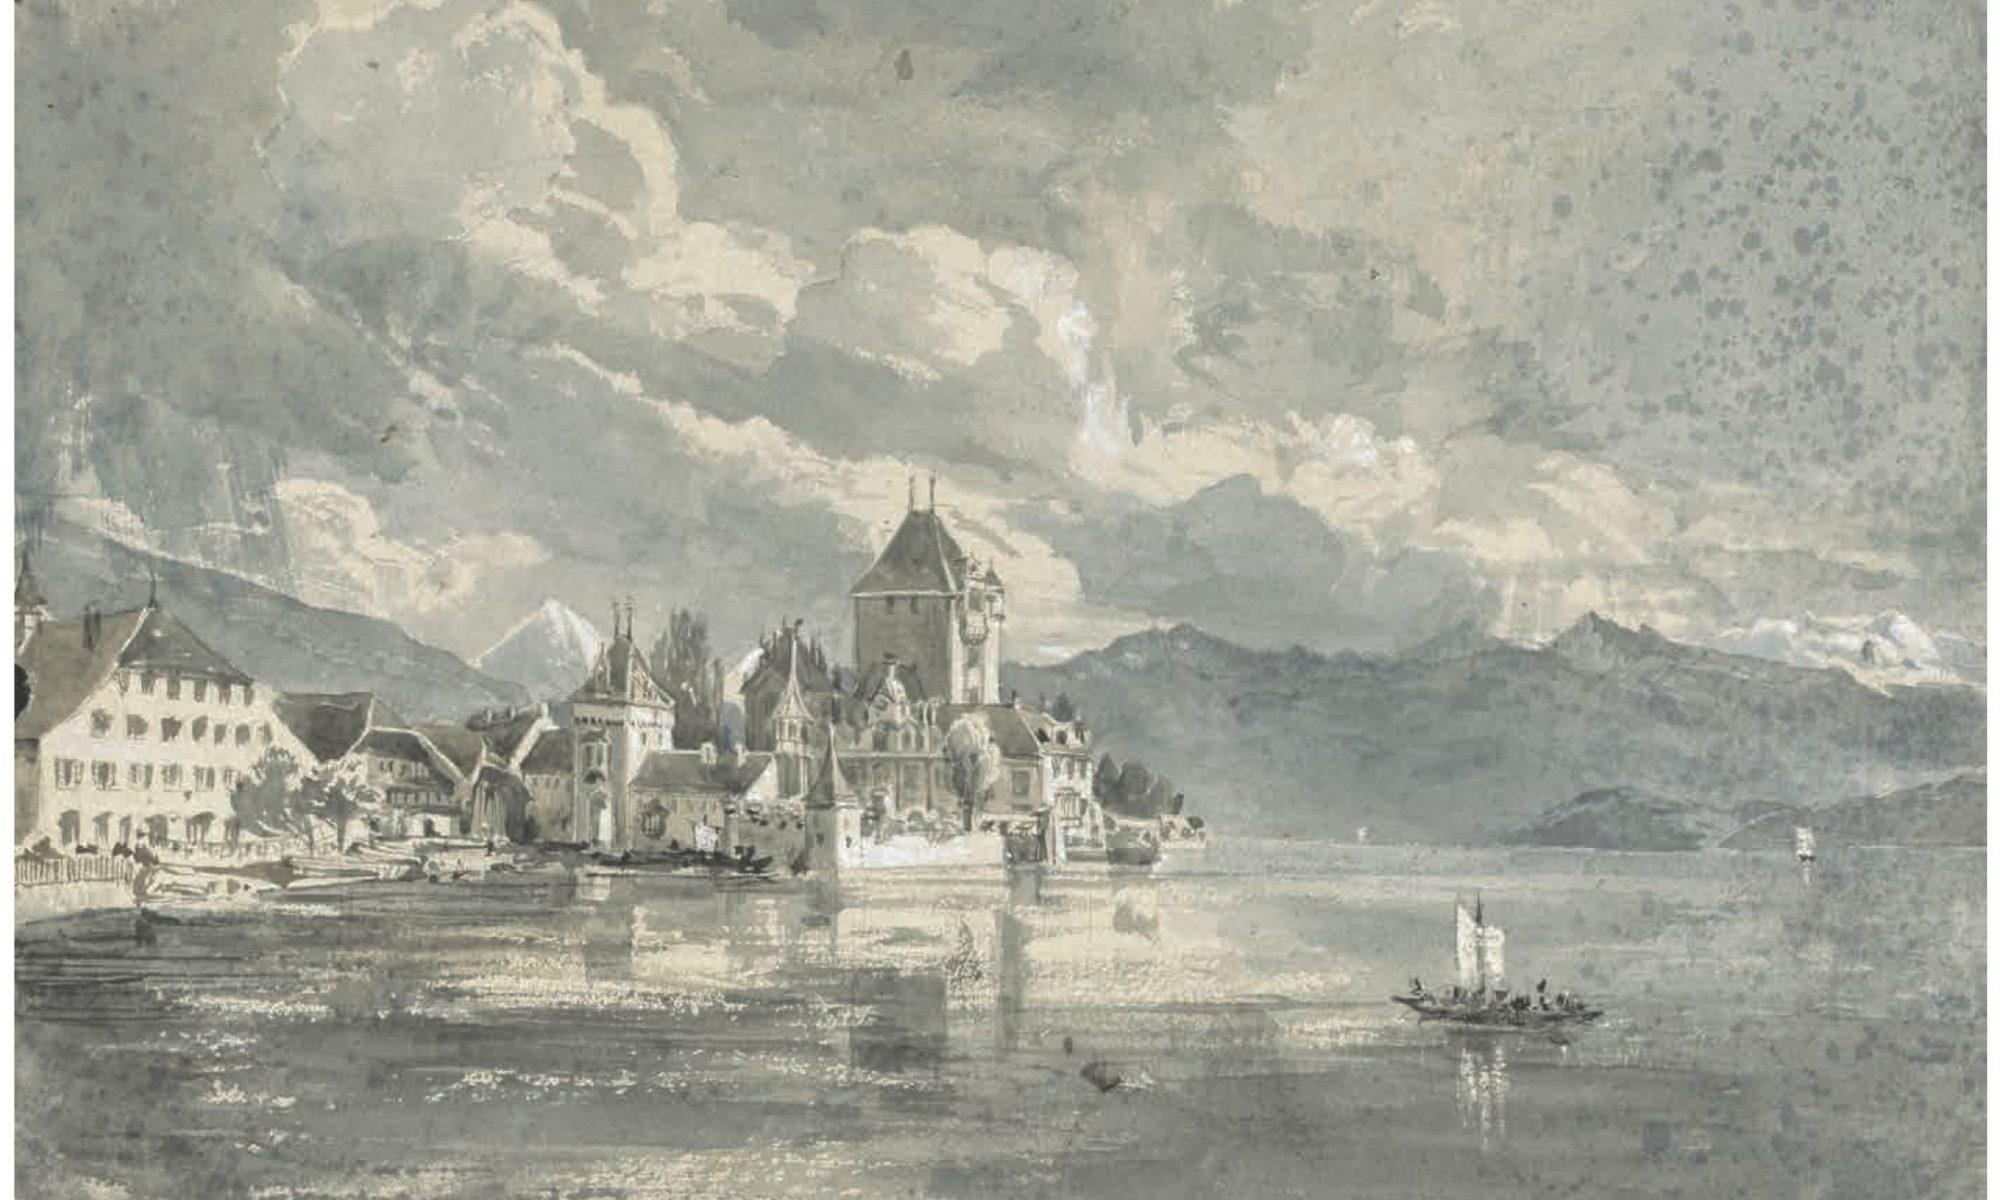 Oberhofen painting by La Trobe